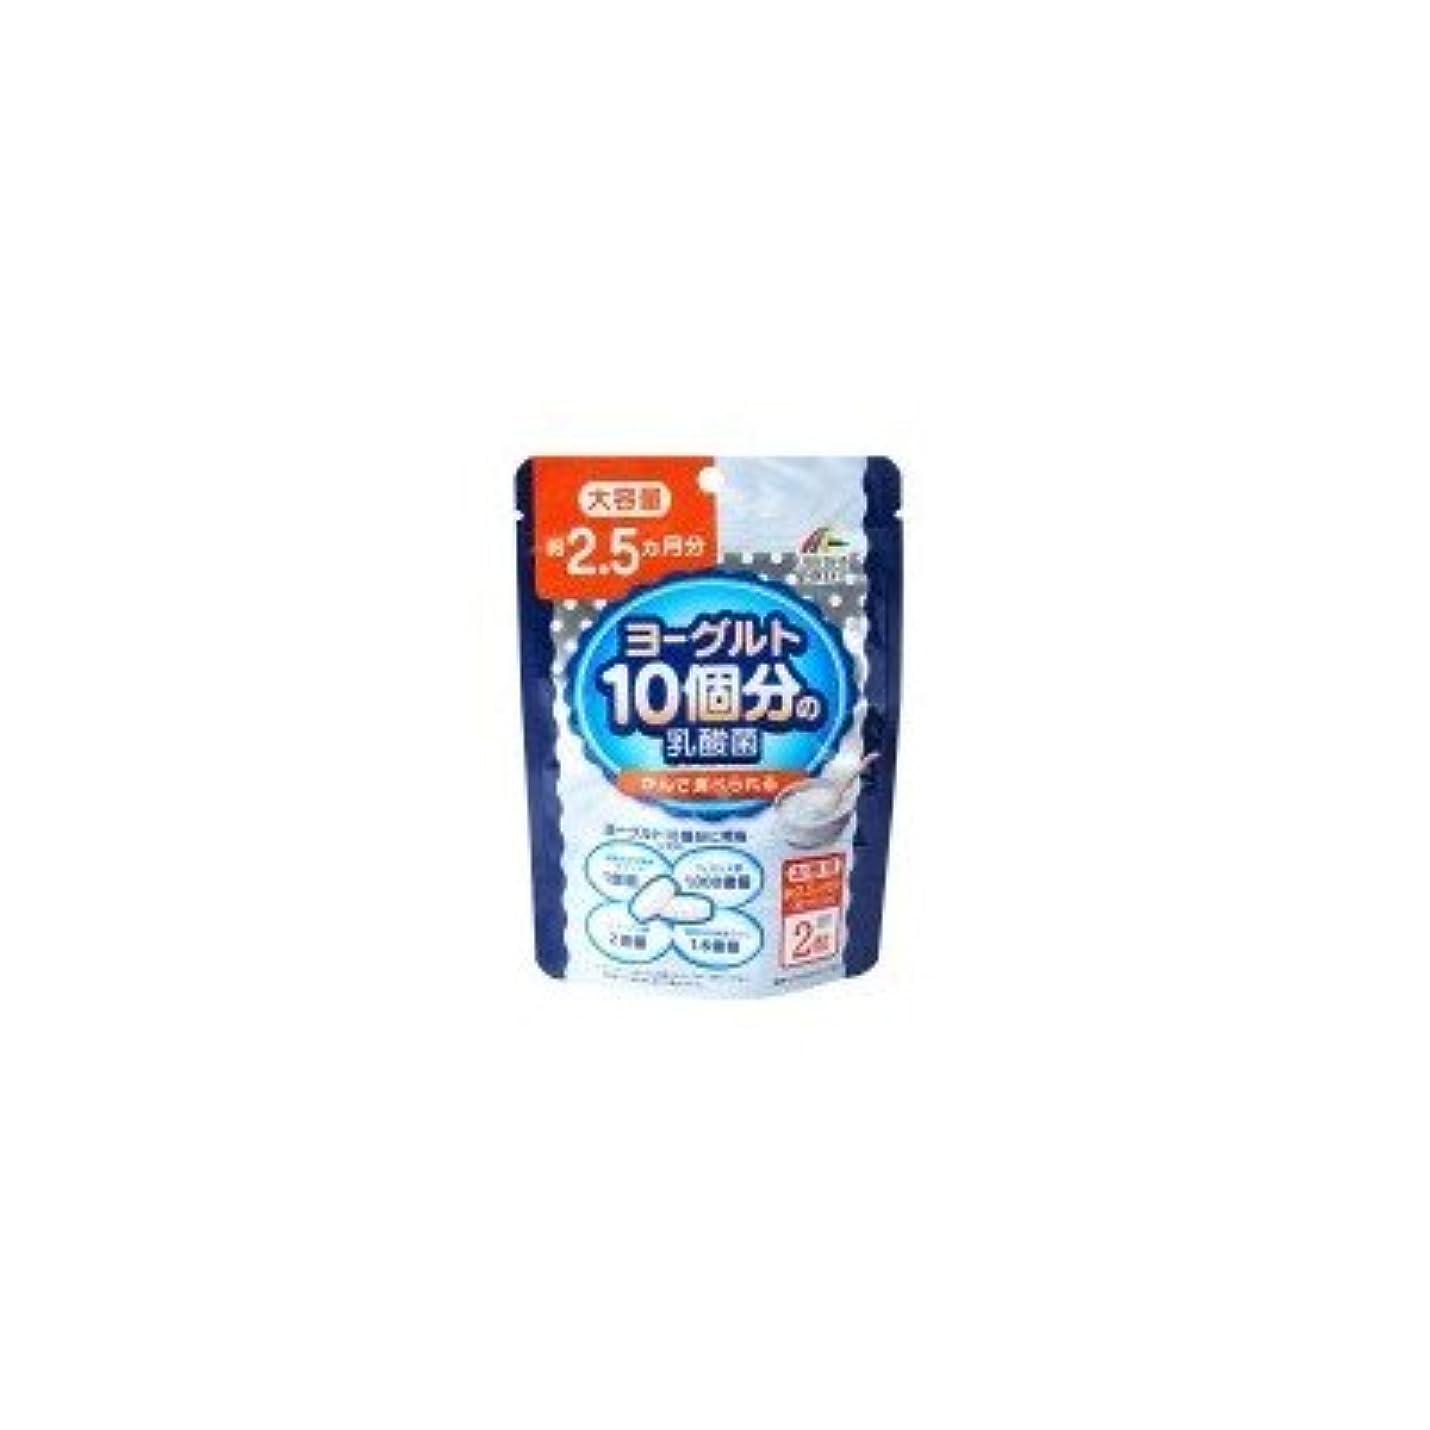 センサー活発少ないヨーグルト10個分の乳酸菌 大容量 30.8g(200mg×154粒)